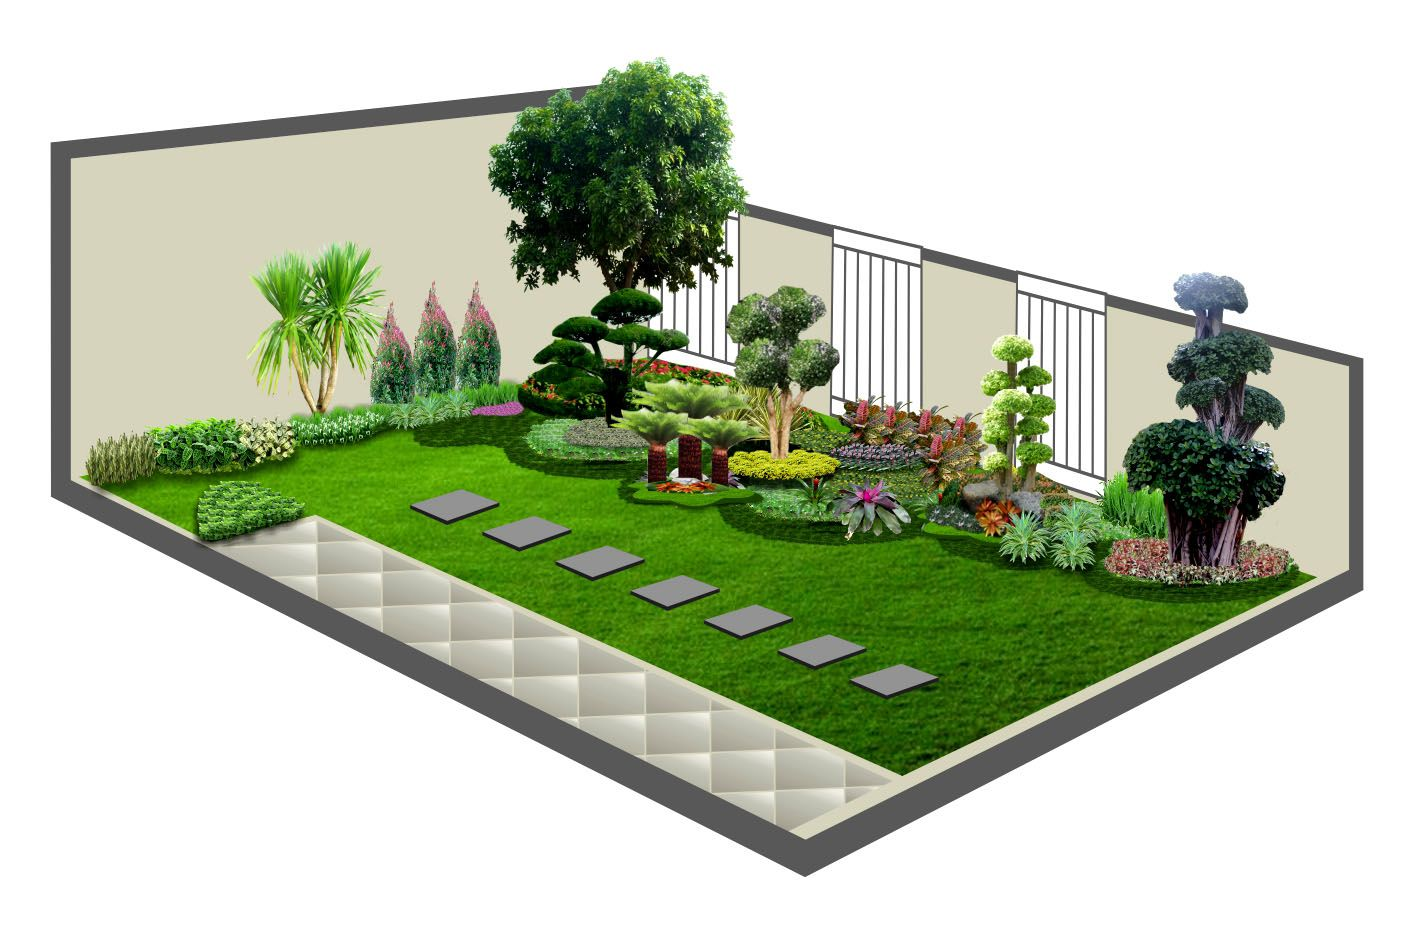 600+ Contoh Desain Taman Halaman Depan Rumah HD